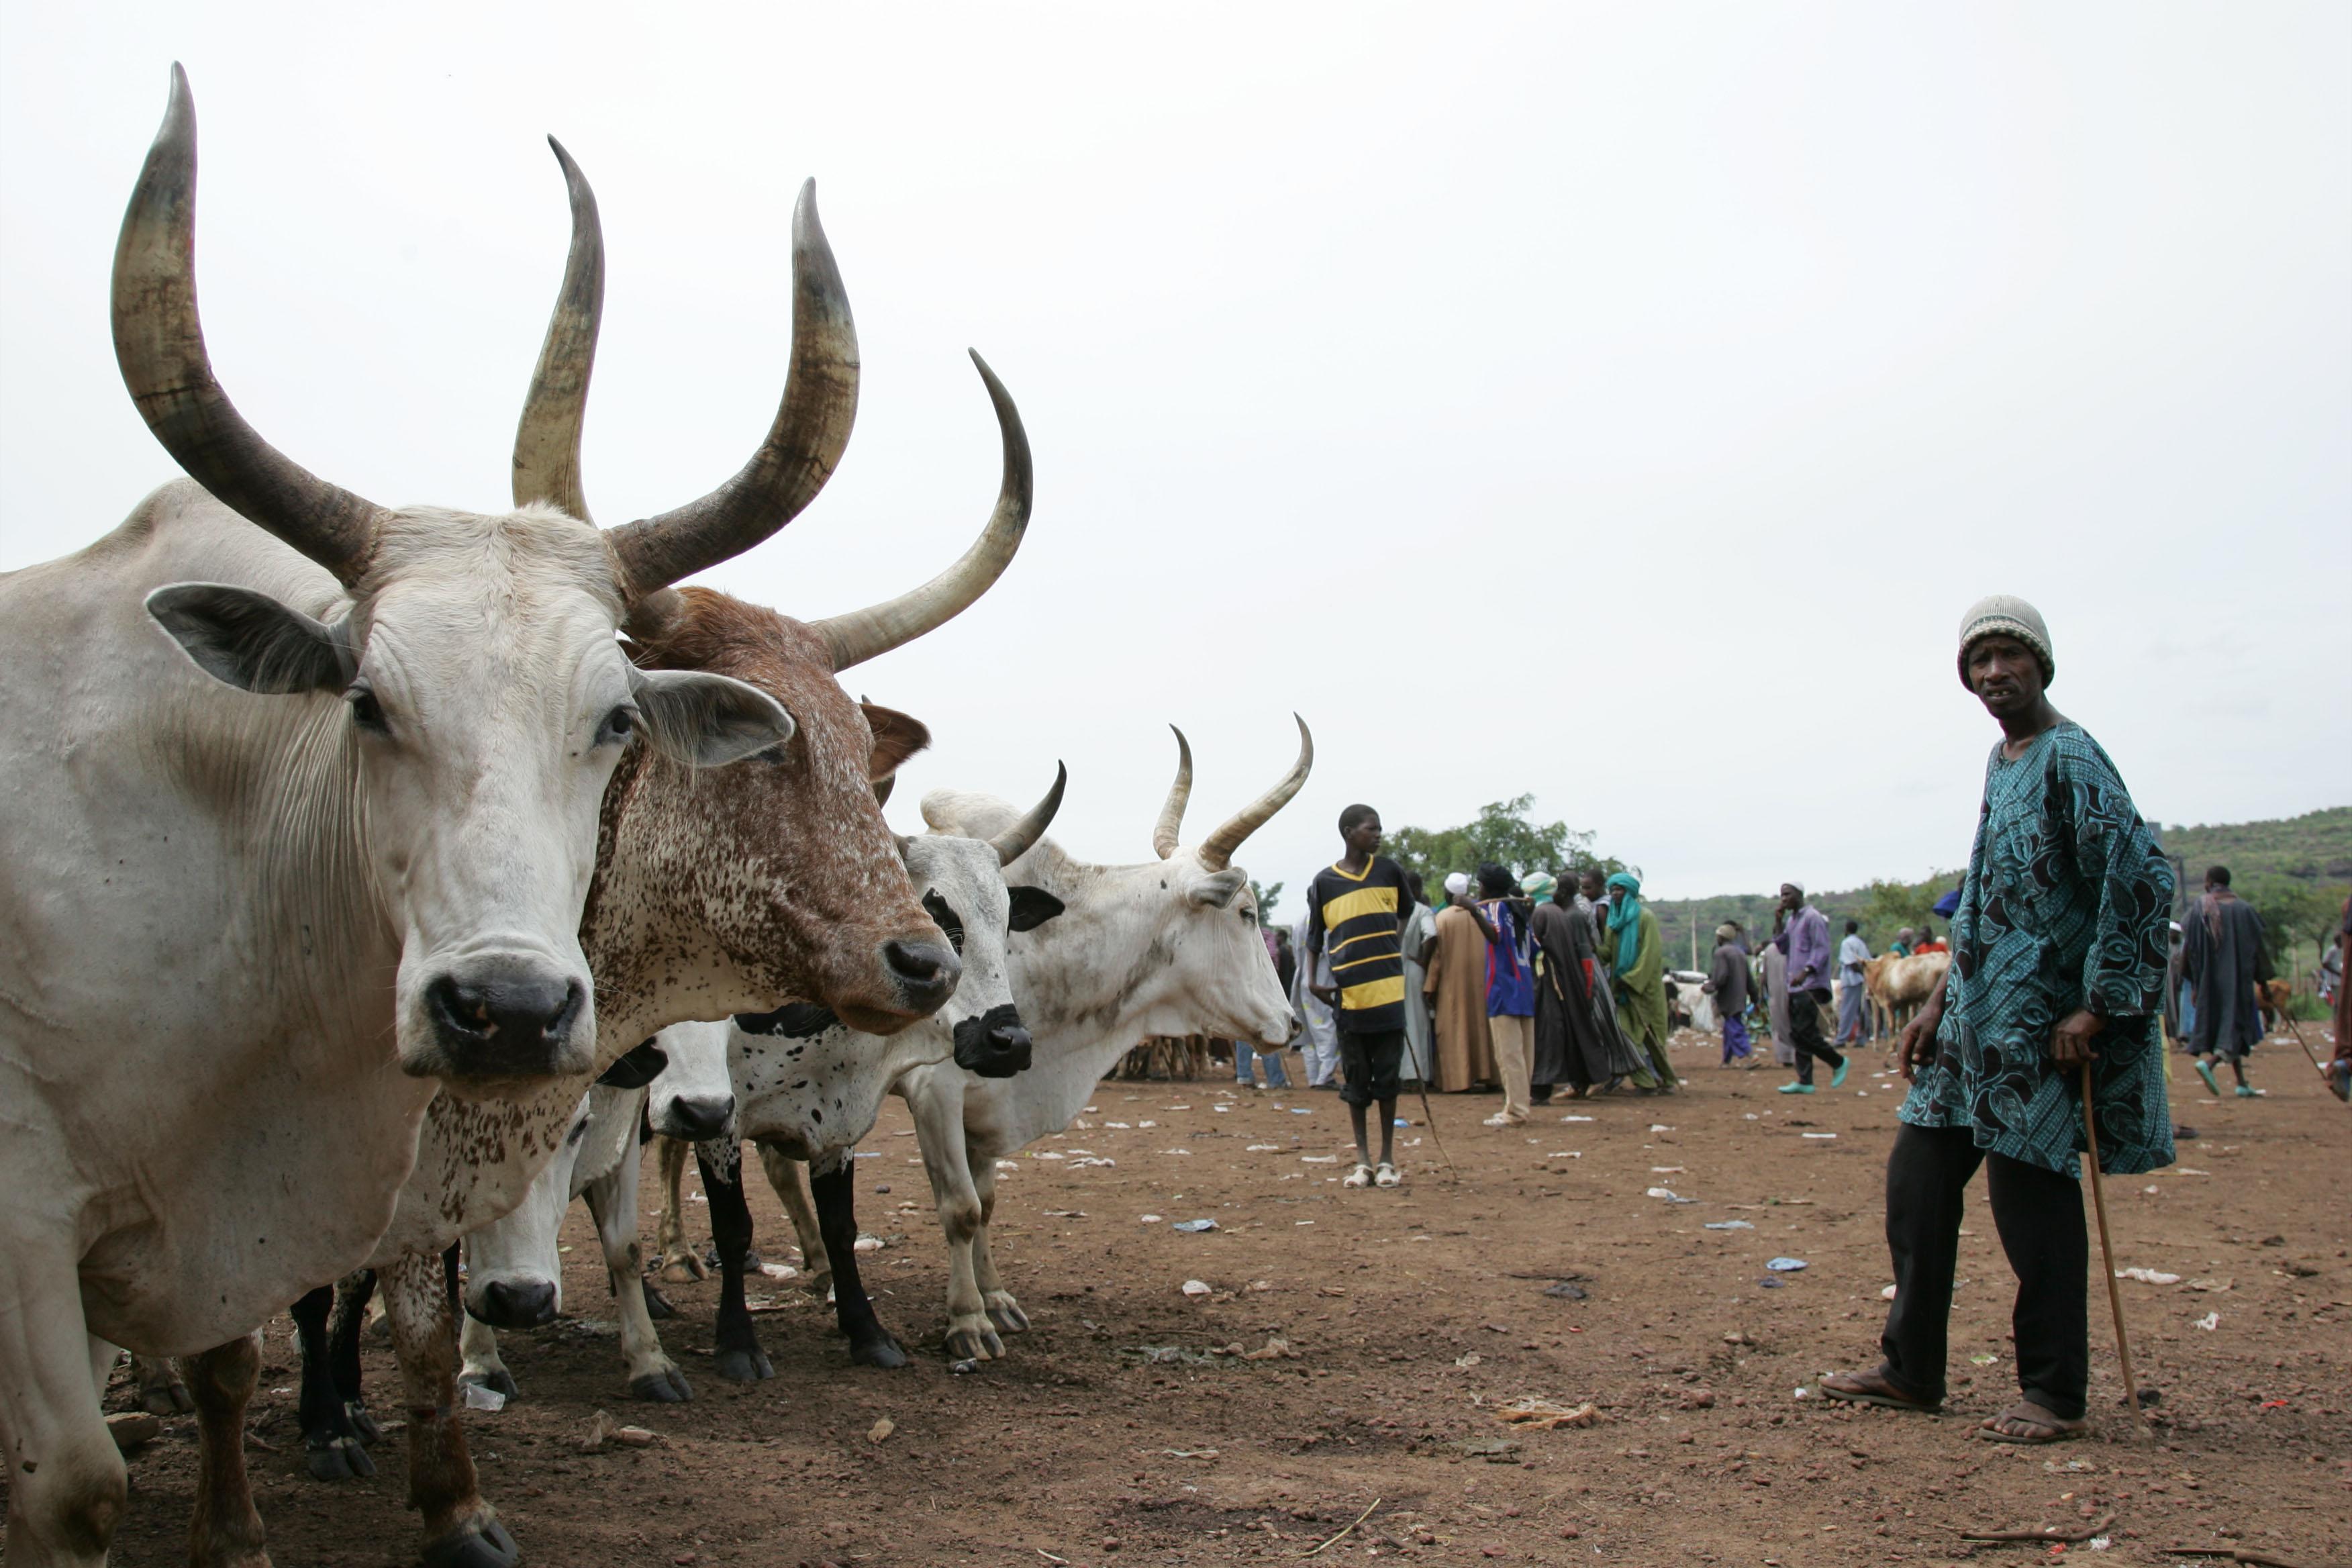 Fulani herders